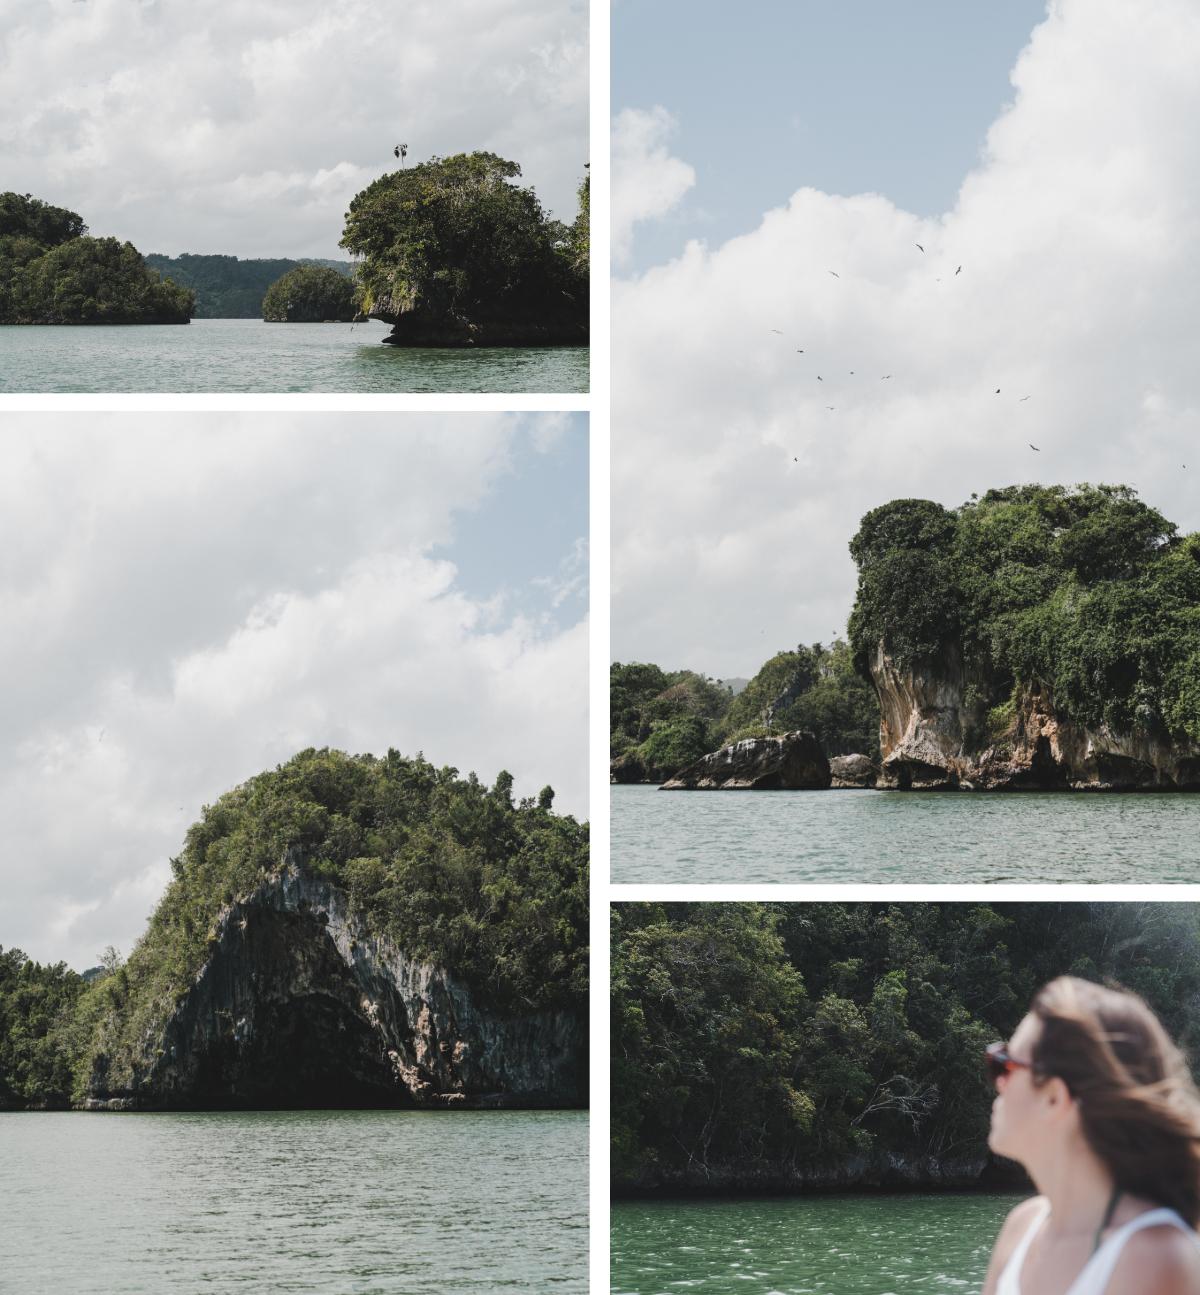 Voyage en République Dominicaine, Parc National Los de Haïtises